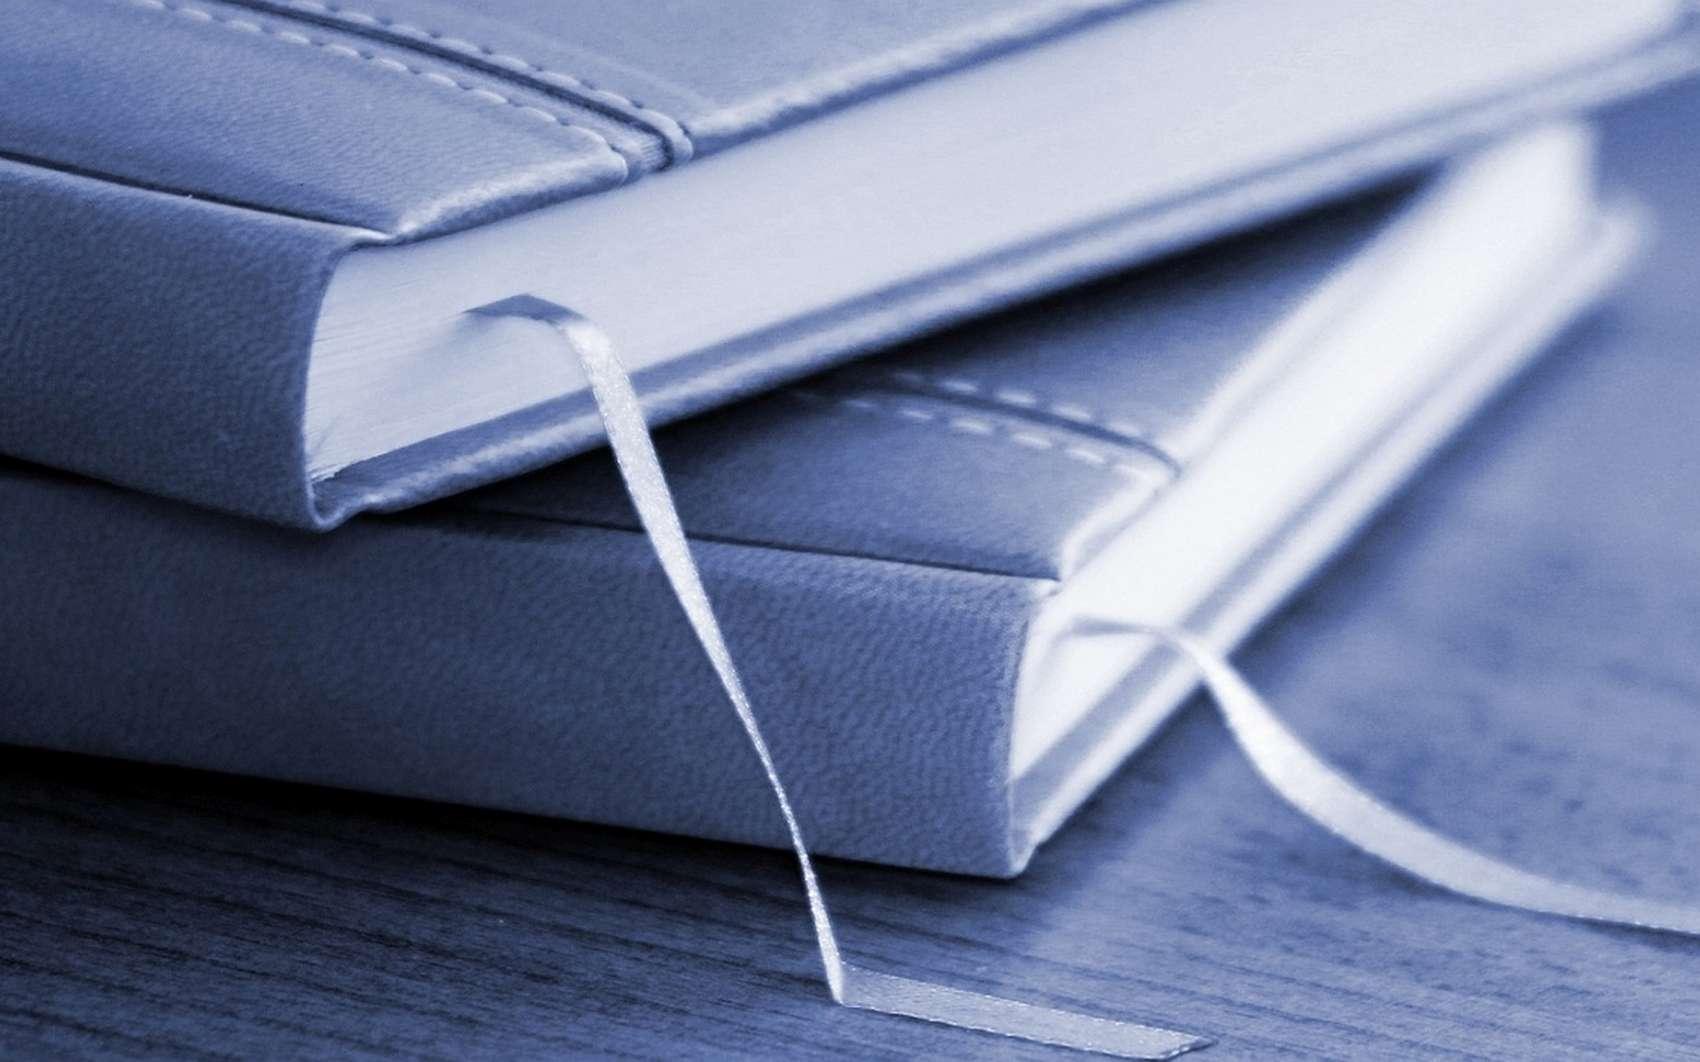 Les bookmarks sont des marque-pages pour les navigateurs internet © vargasz by Pixabay